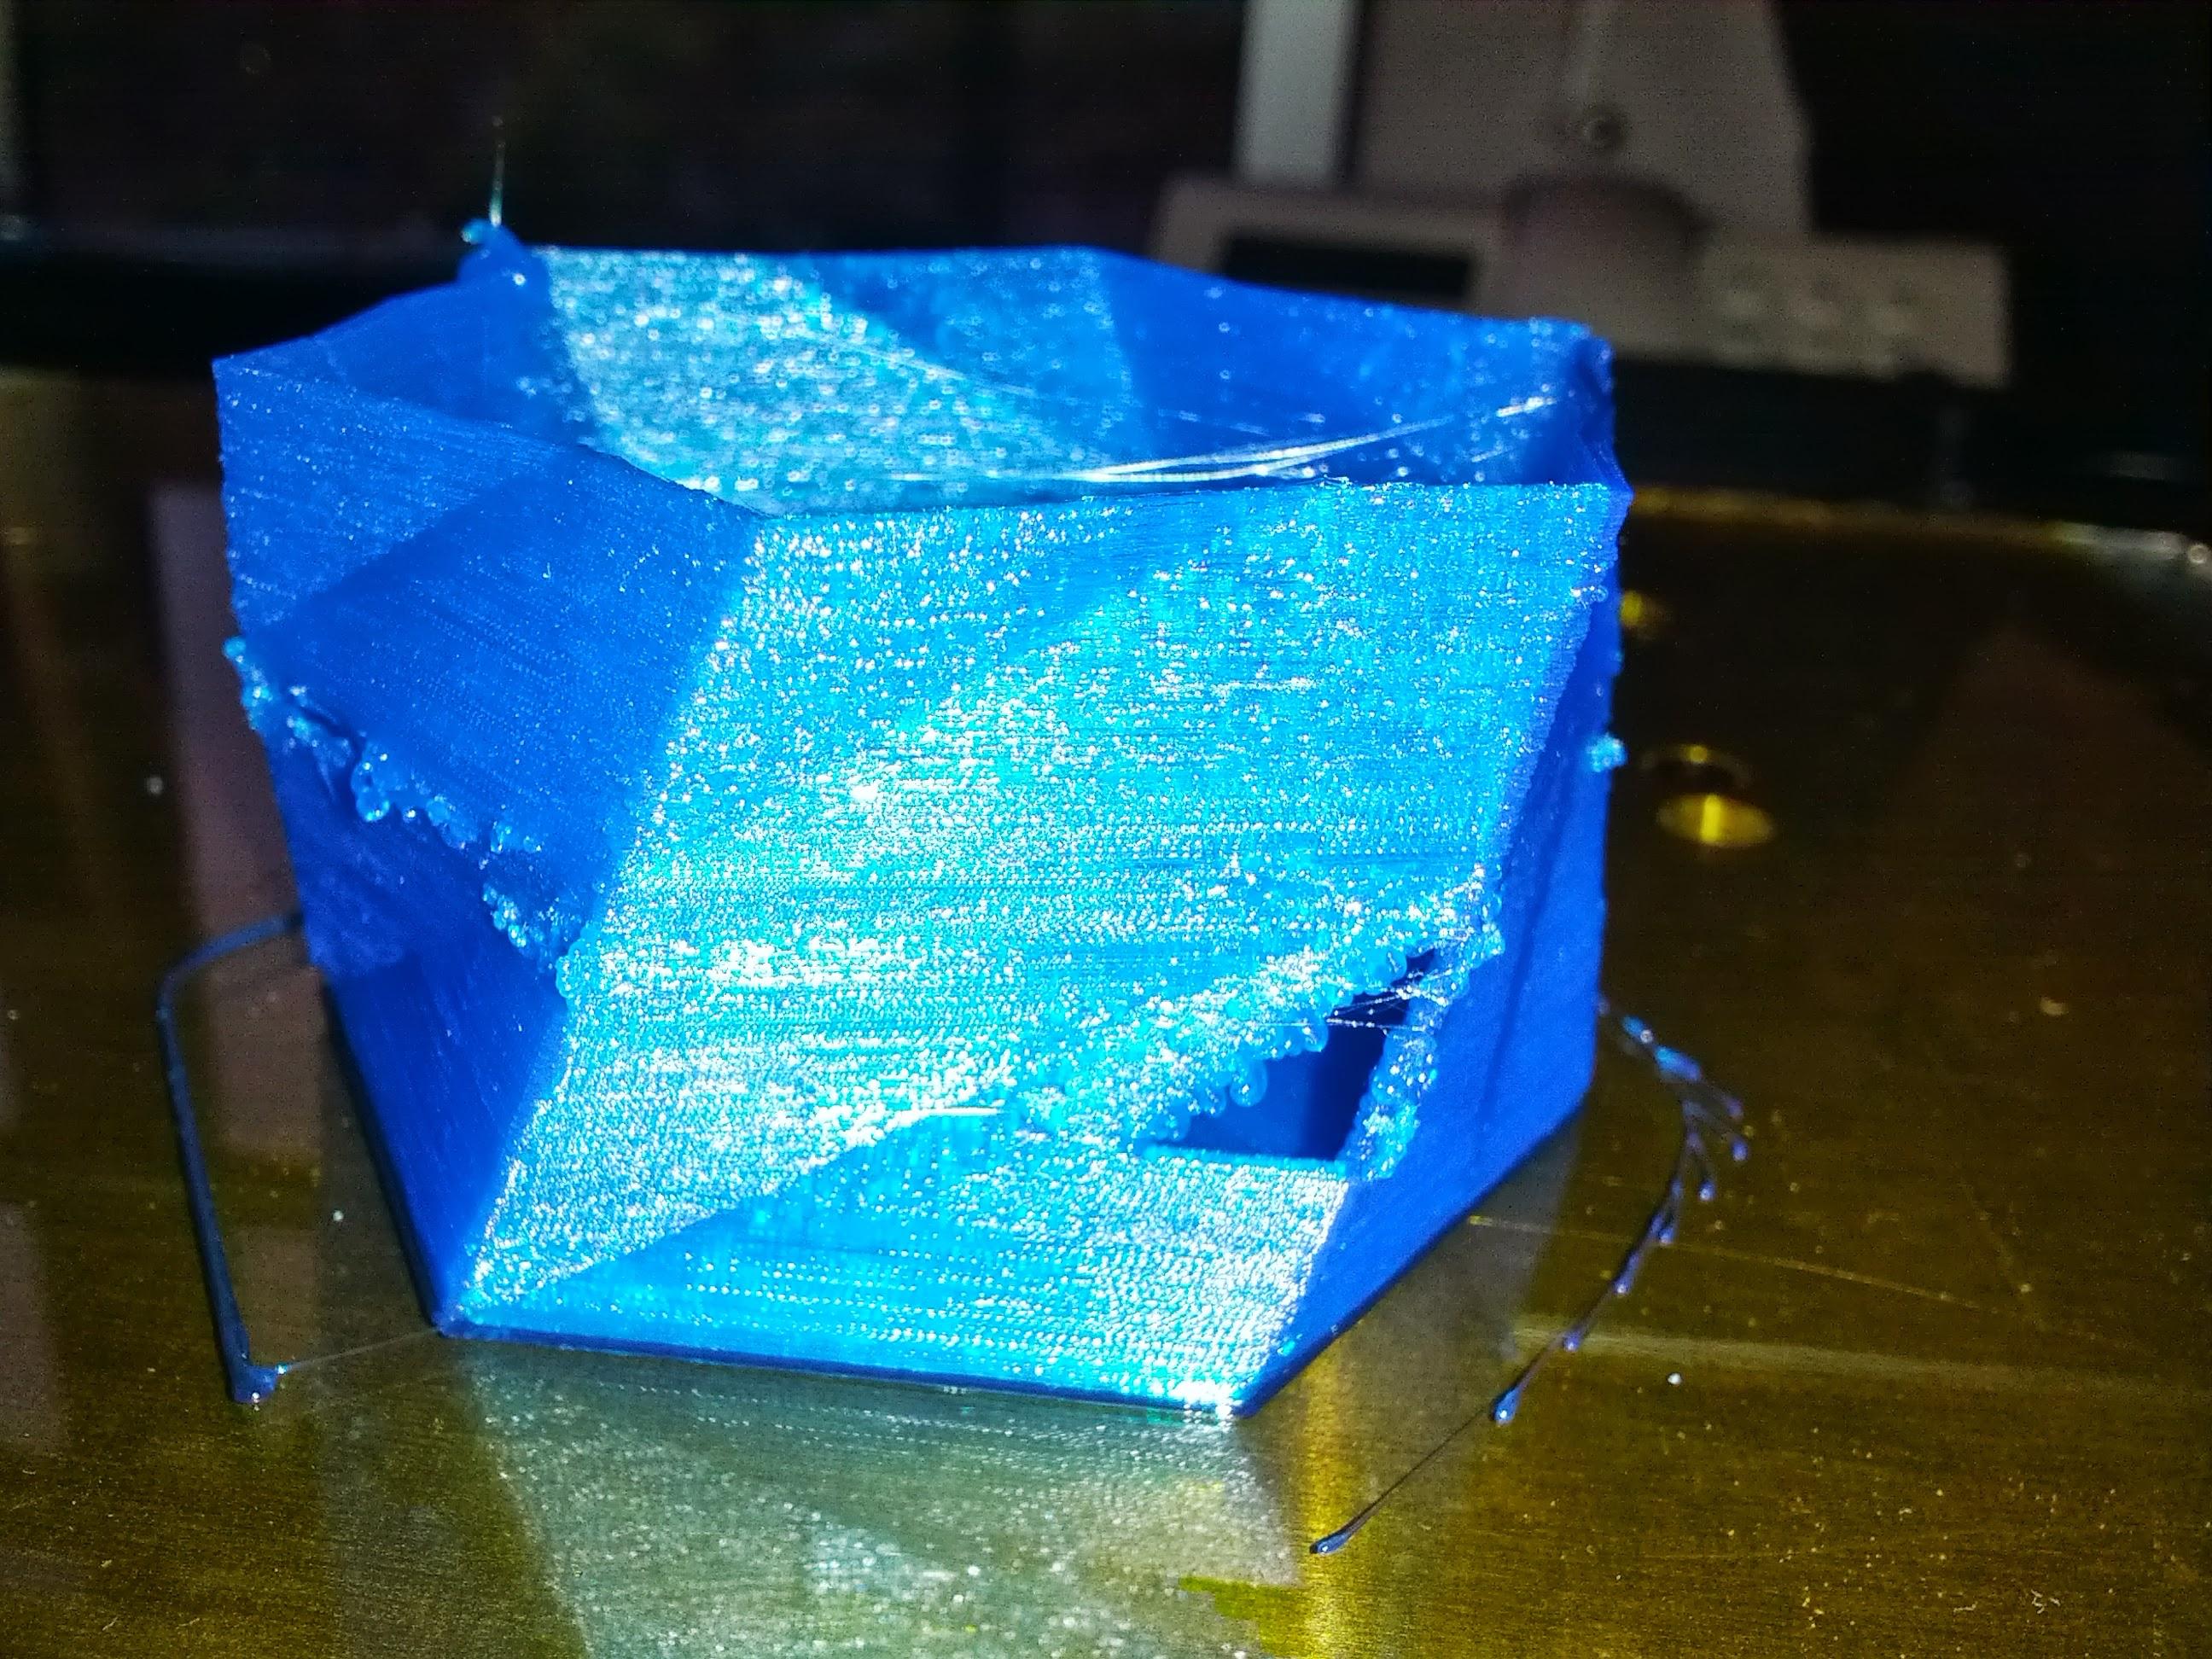 Buscando el límite de mi impresora 3D